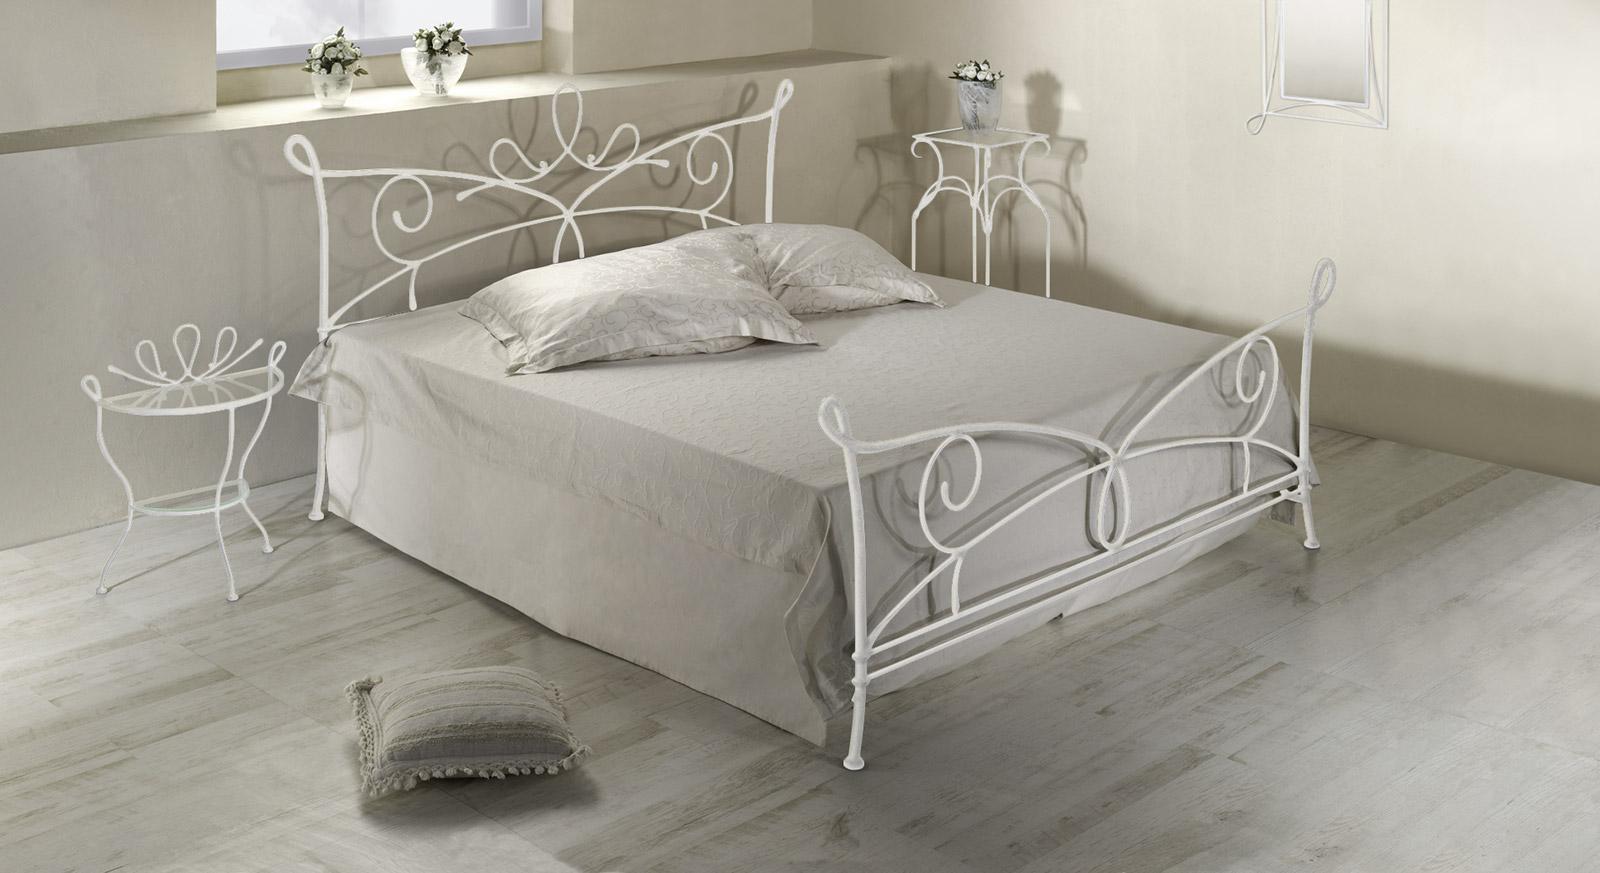 Einzelbett weiß metall  Doppelbett aus Metall in 140x200 cm Anthrazit - Porco